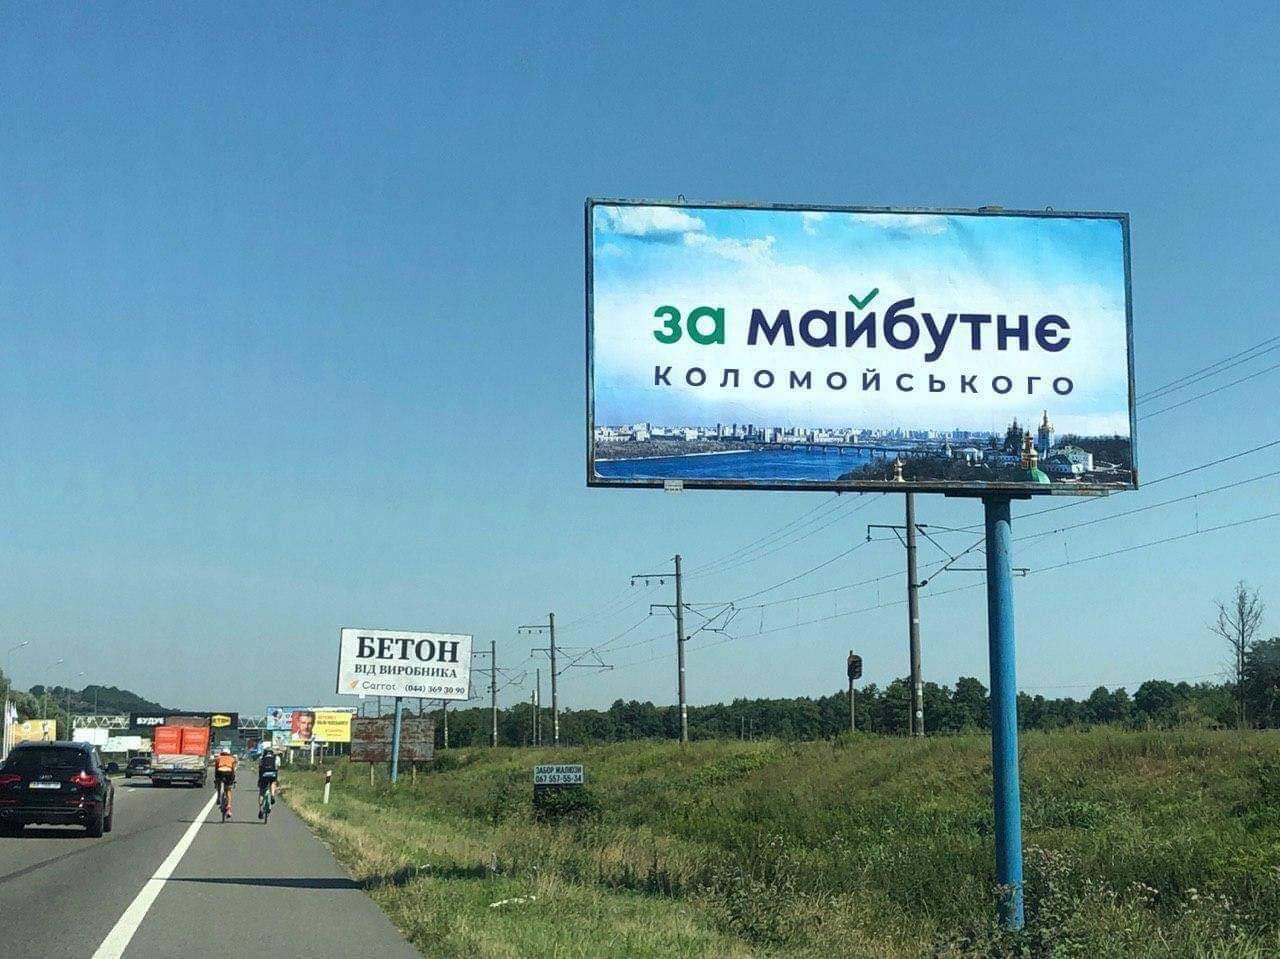 «Катаюсь по Киеву. На этот раз бигборды полны мамонтячого гвна: какие-то не вчерашние, а совершенно позавчерашние морды»